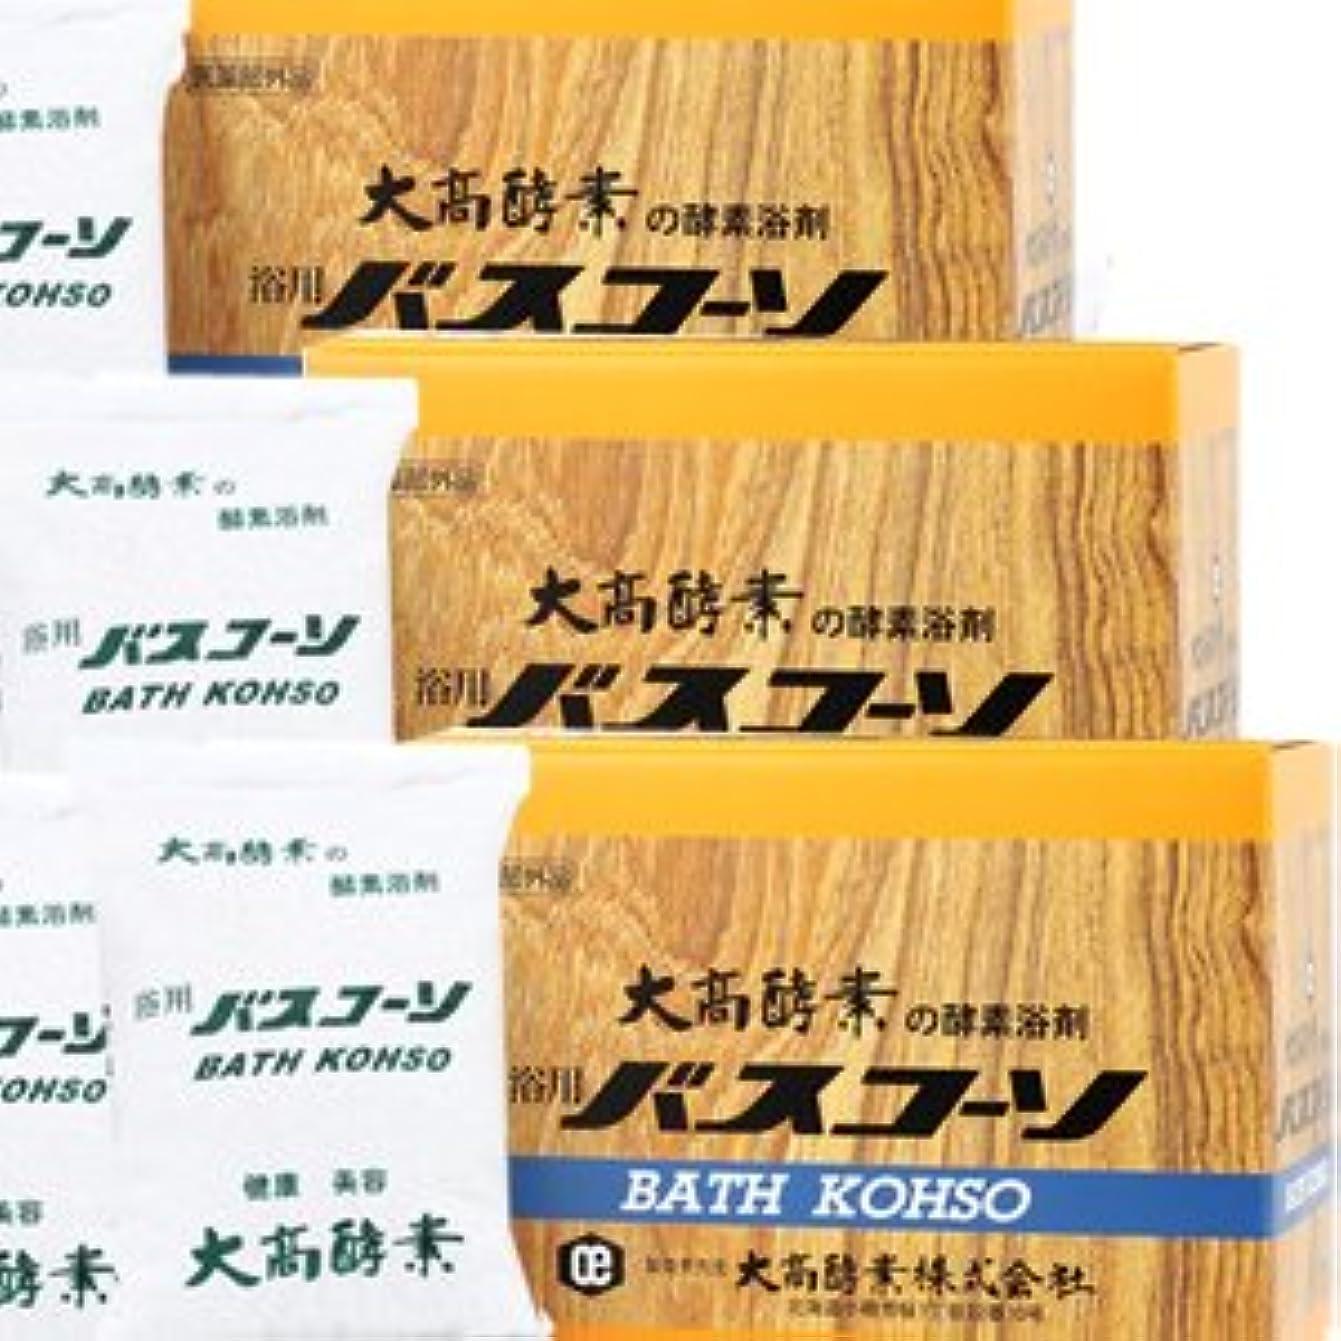 芸術的スキム癌【3個】 大高酵素 バスコーソ酵素入浴剤(100g×6袋)x3個 4971578001095